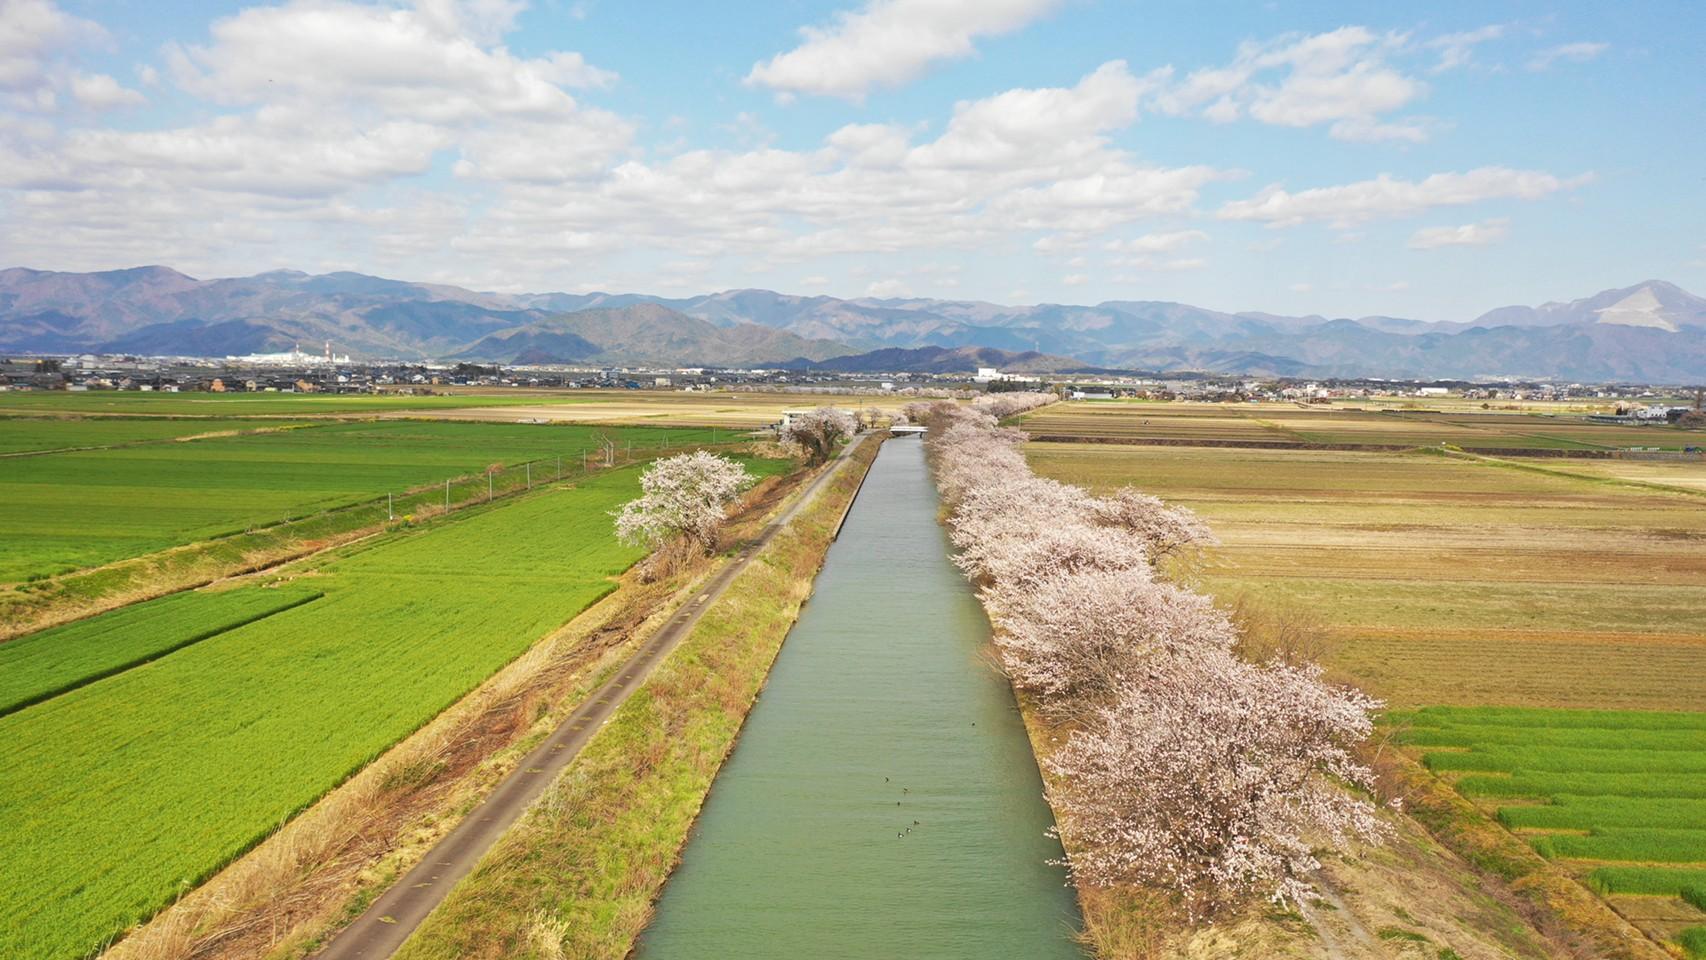 【長浜市】『丁野木川:ちょうのぎがわ』の写真スポット